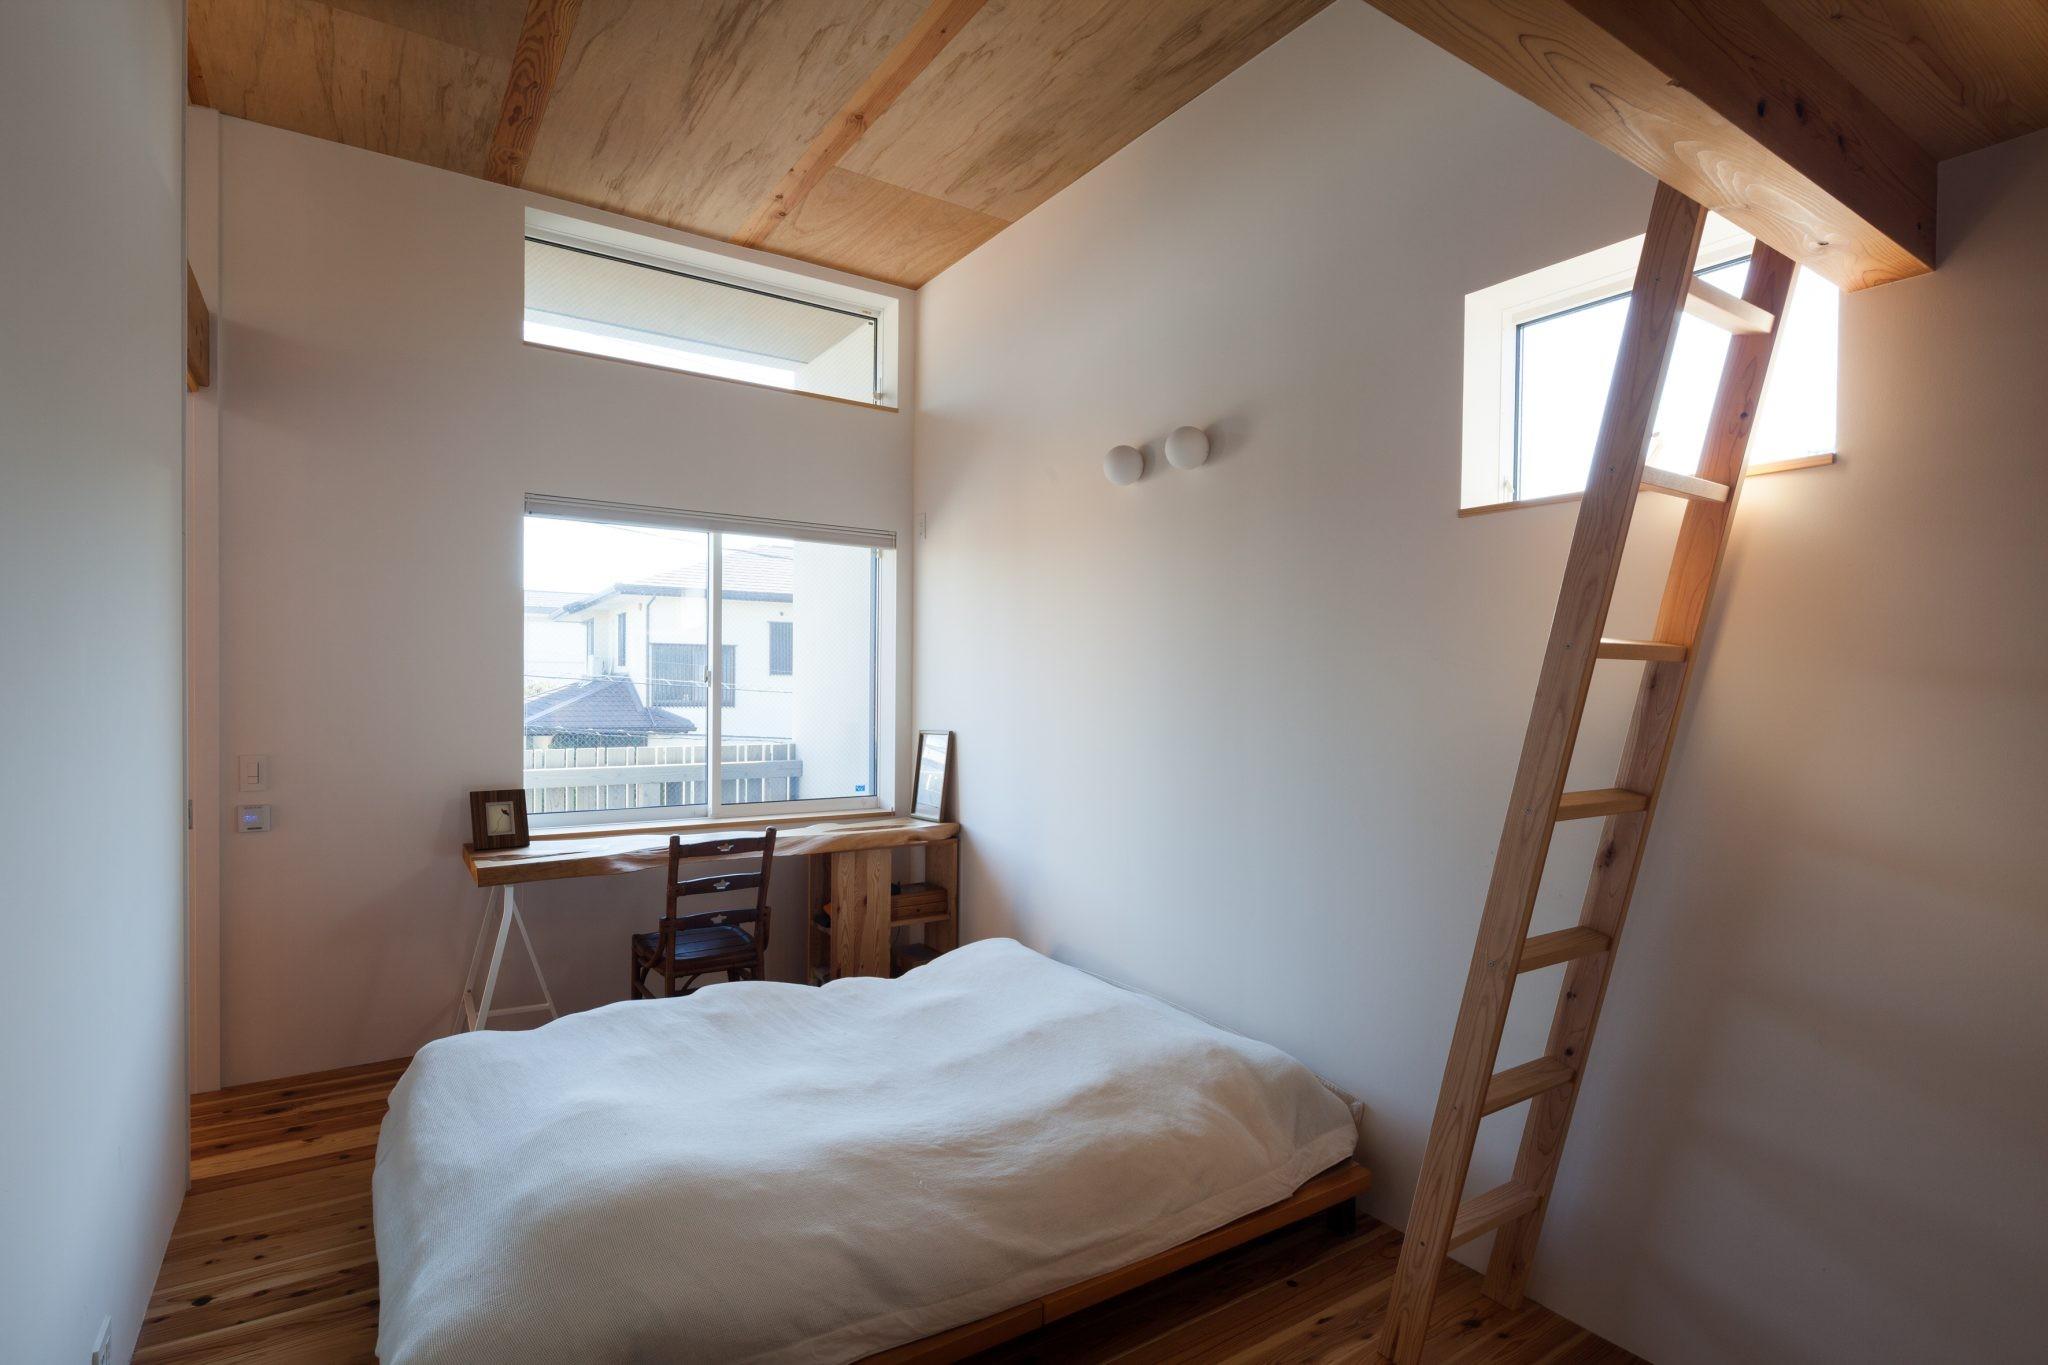 ベッドルーム事例:主寝室(たまプラーザの家(2世帯住宅))